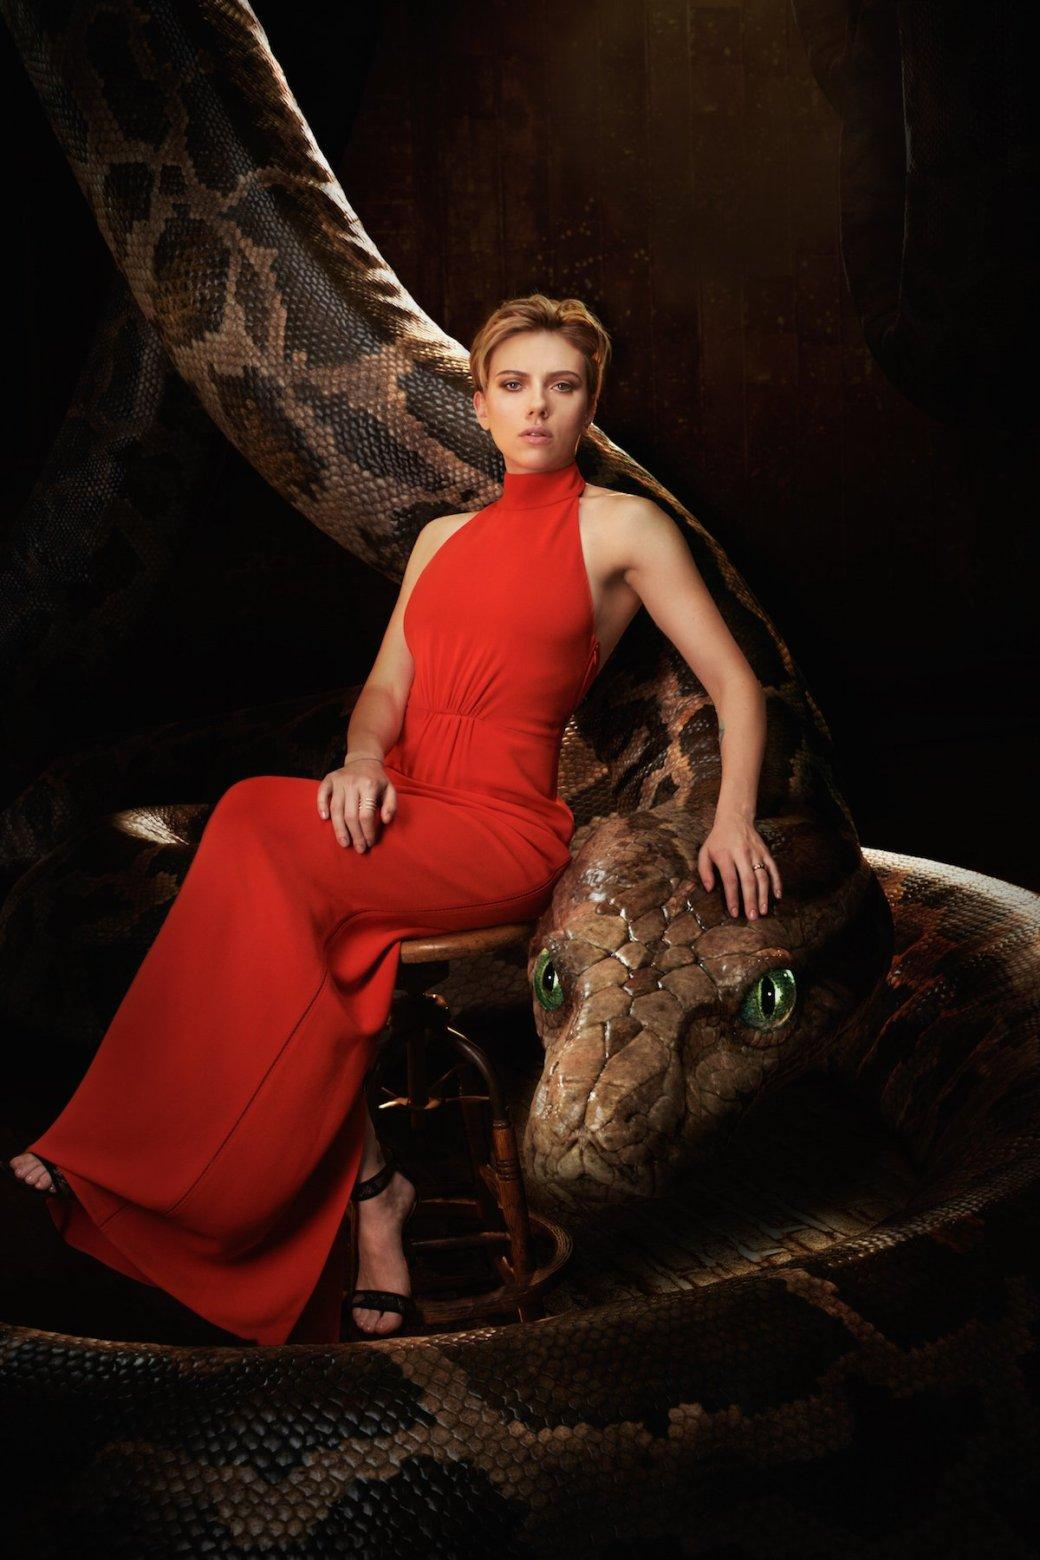 Актеров из «Книги джунглей» сравнили с животными - Изображение 1